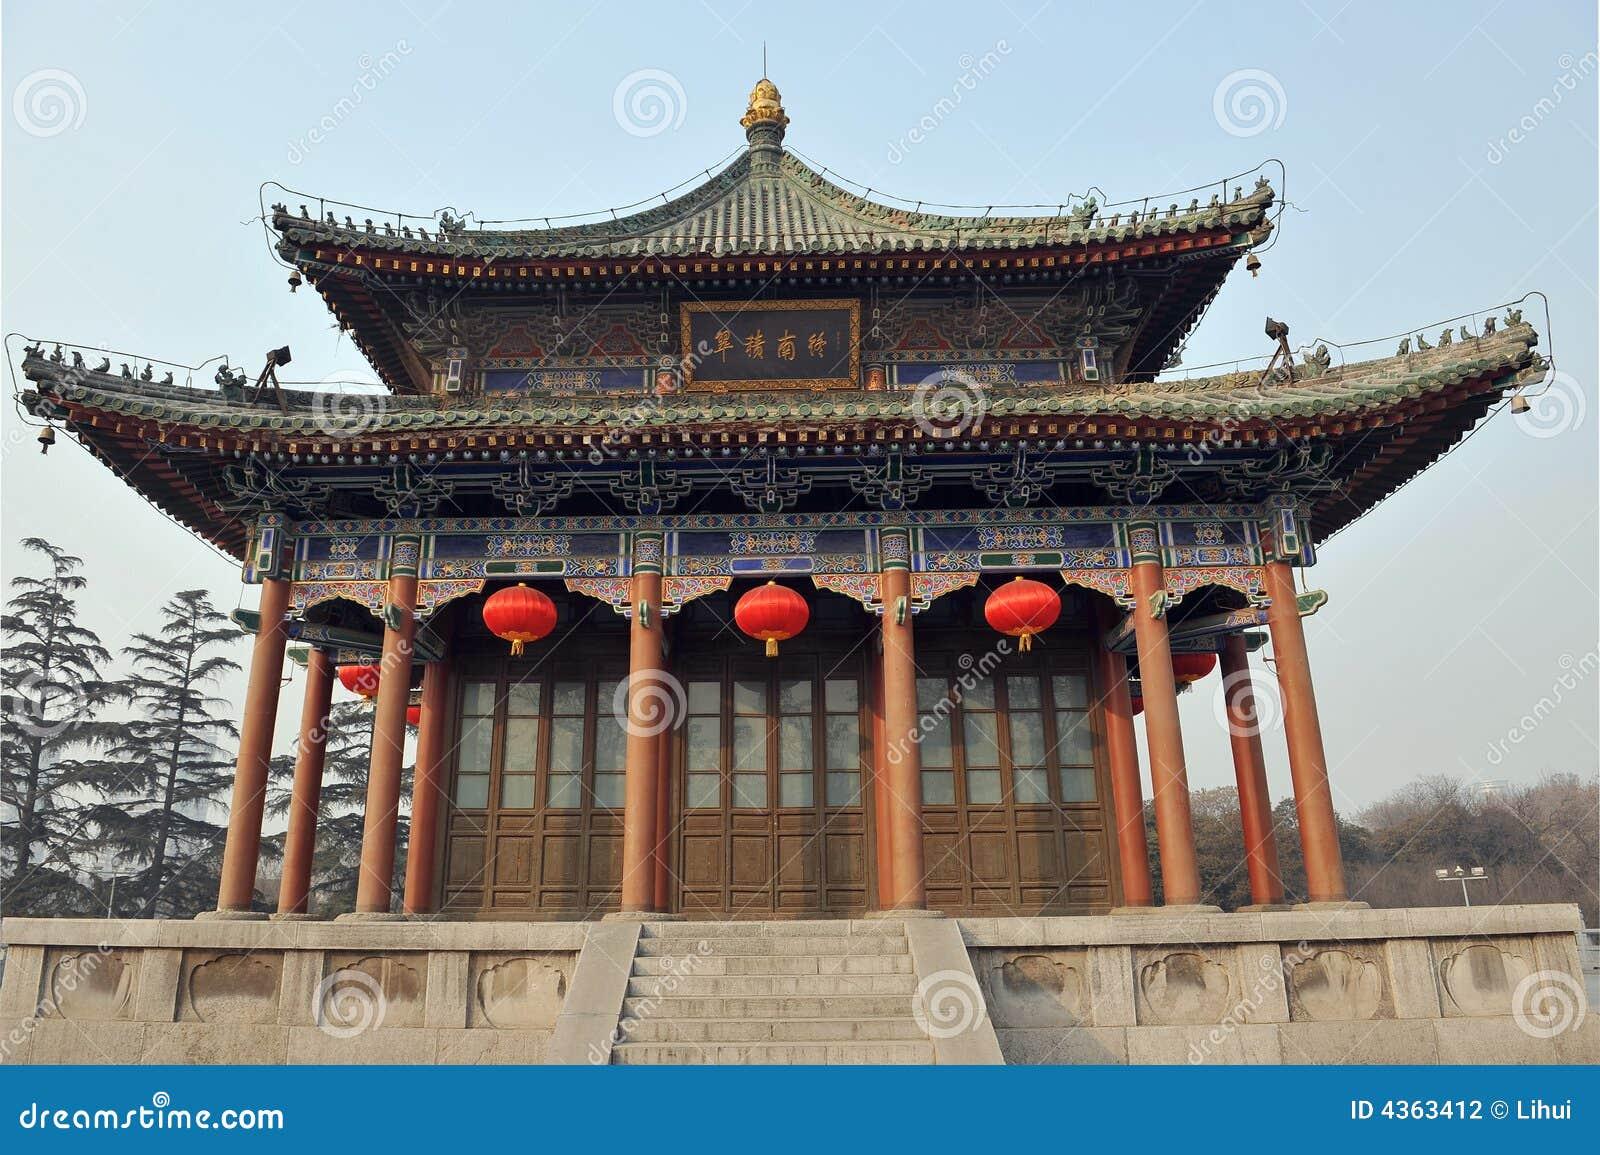 Chinesische Architektur | Chinesische Architektur Stockfoto Bild Von Fliesen Xian 4363412